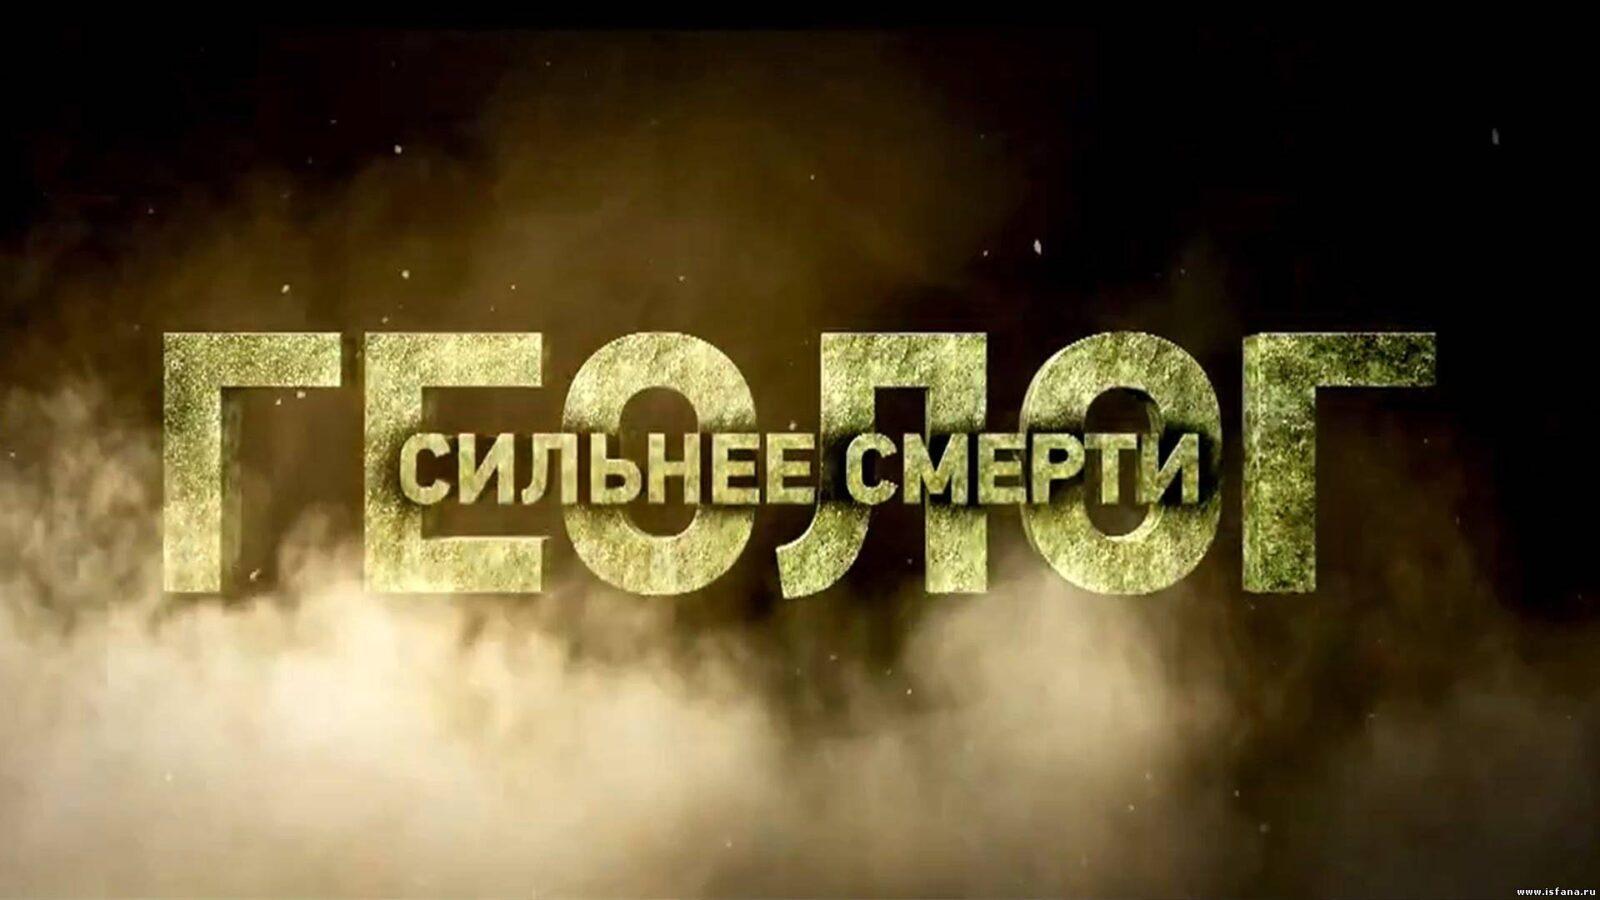 Фильм «Геолог. Сильнее смерти» будет представлен на Московском кинофестивале